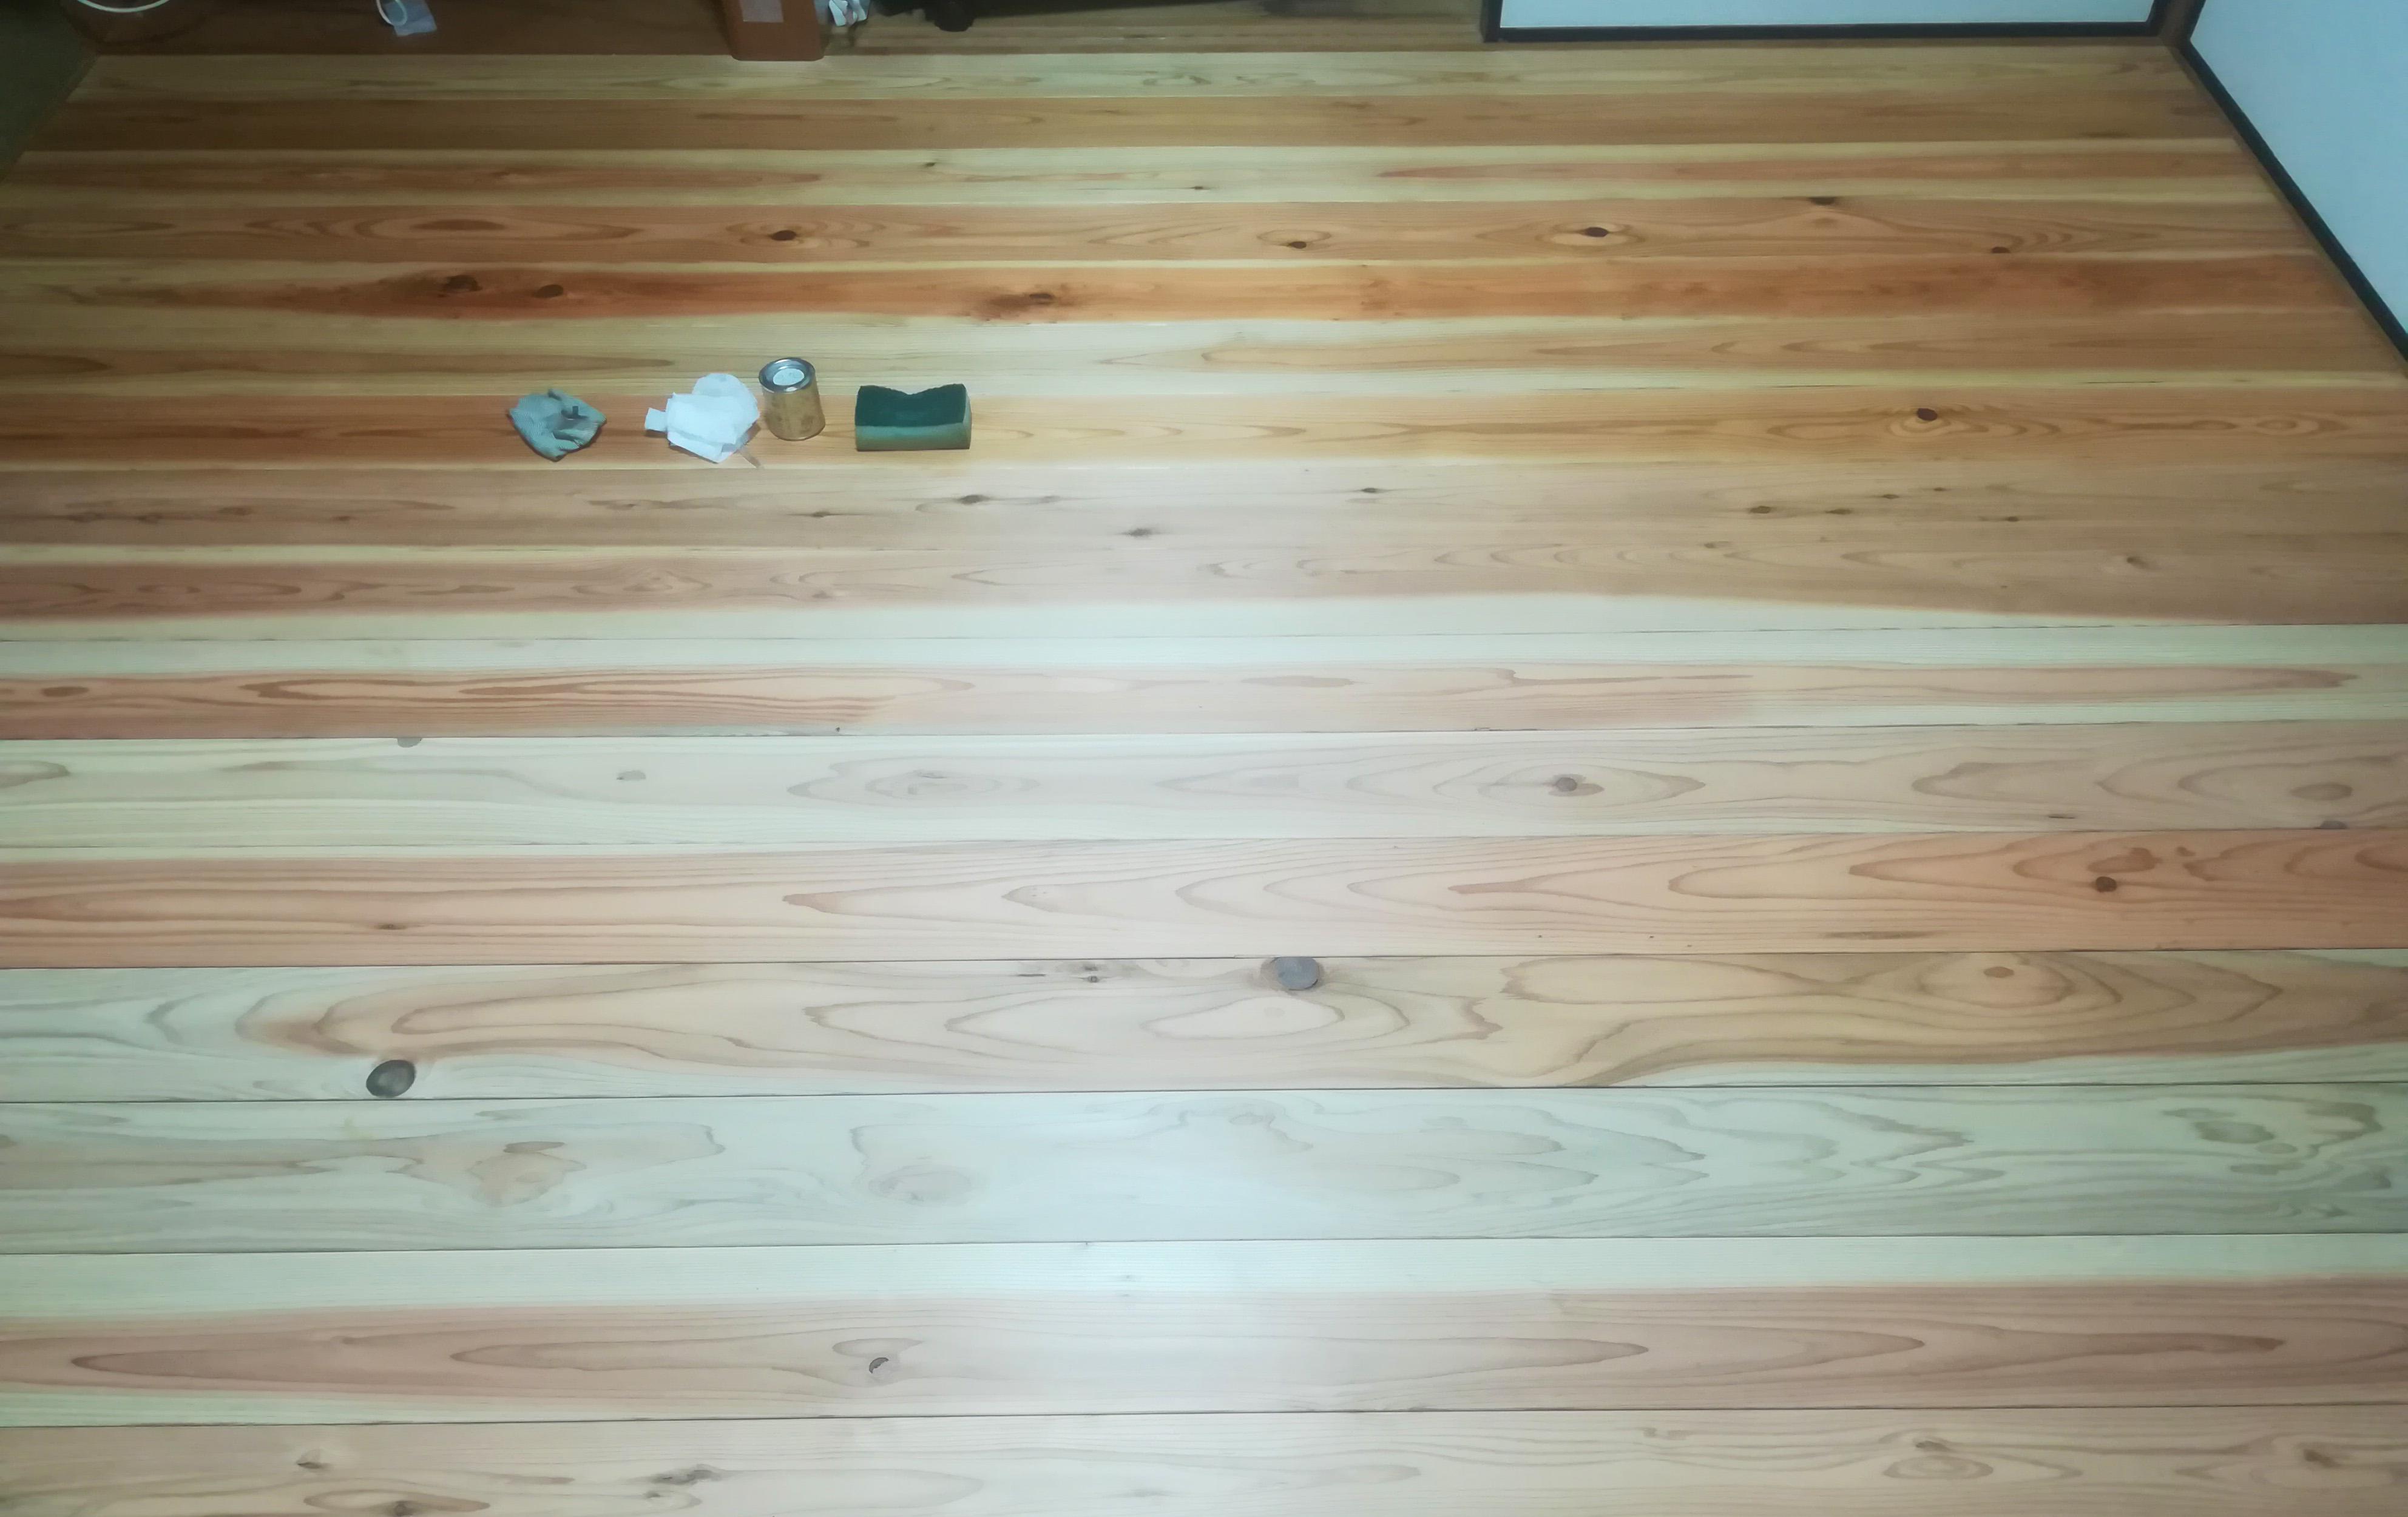 杉のフローリングにワックスを塗っている途中の様子/奥側が塗った後、手前が塗る前